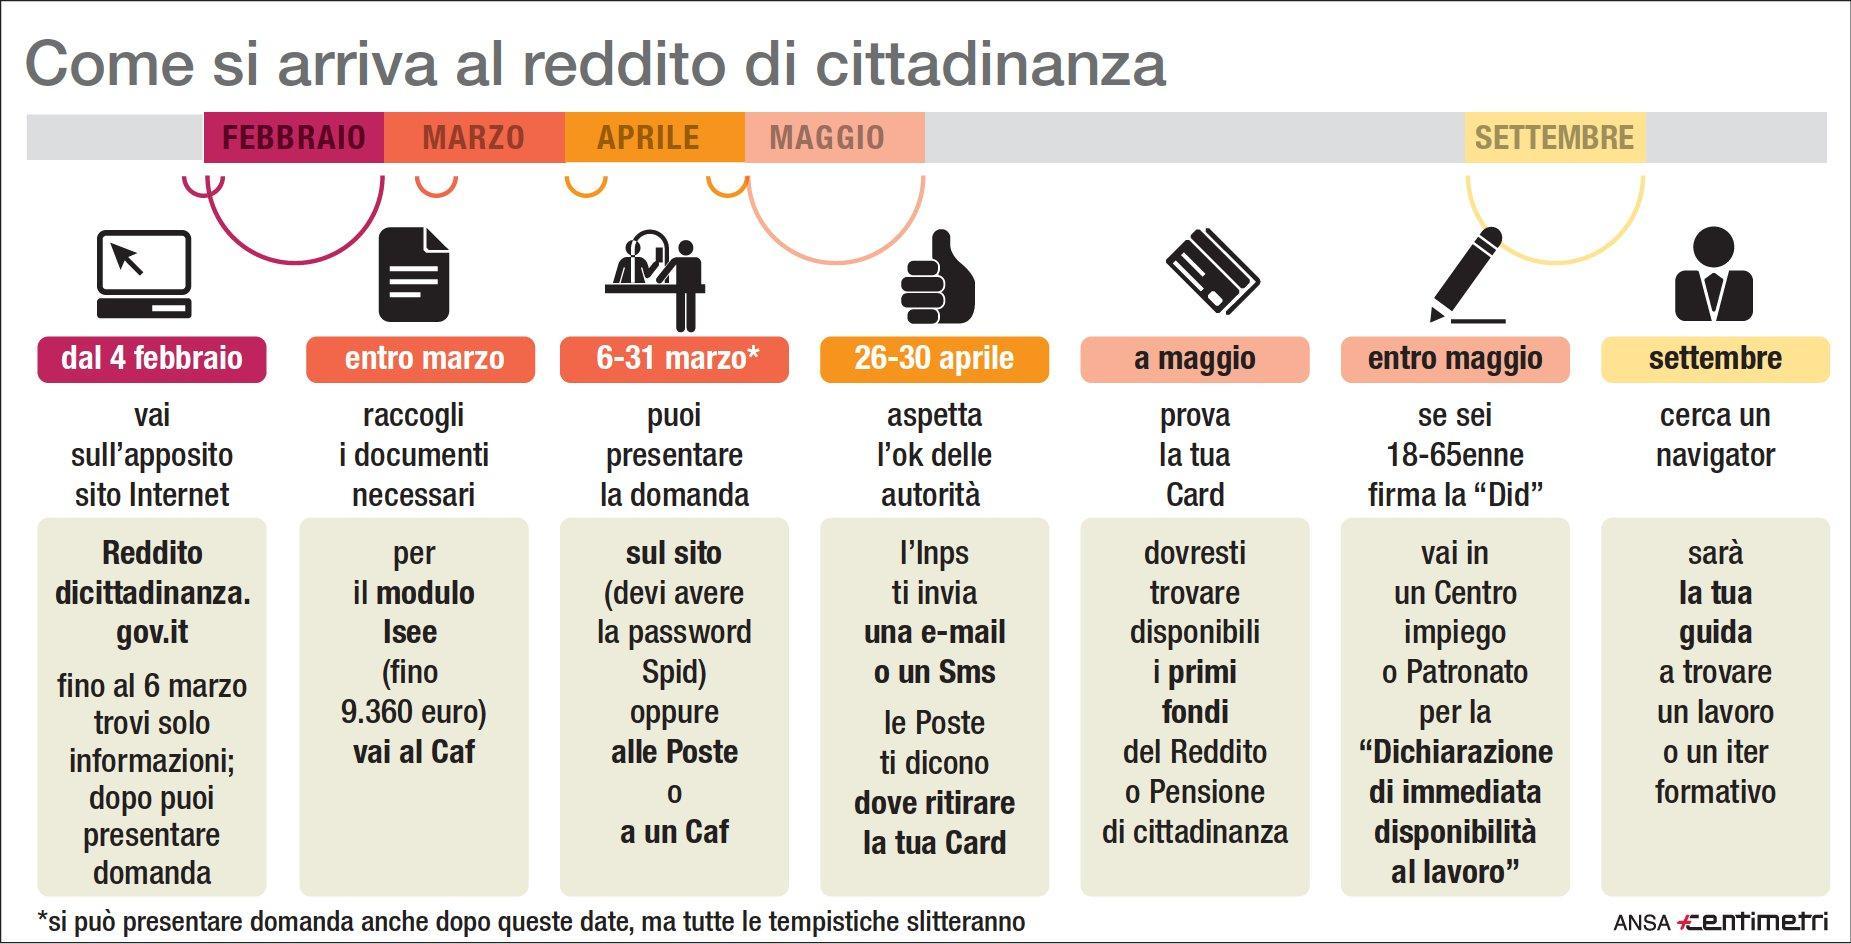 Reddito di cittadinanza: i passi per ottenerlo